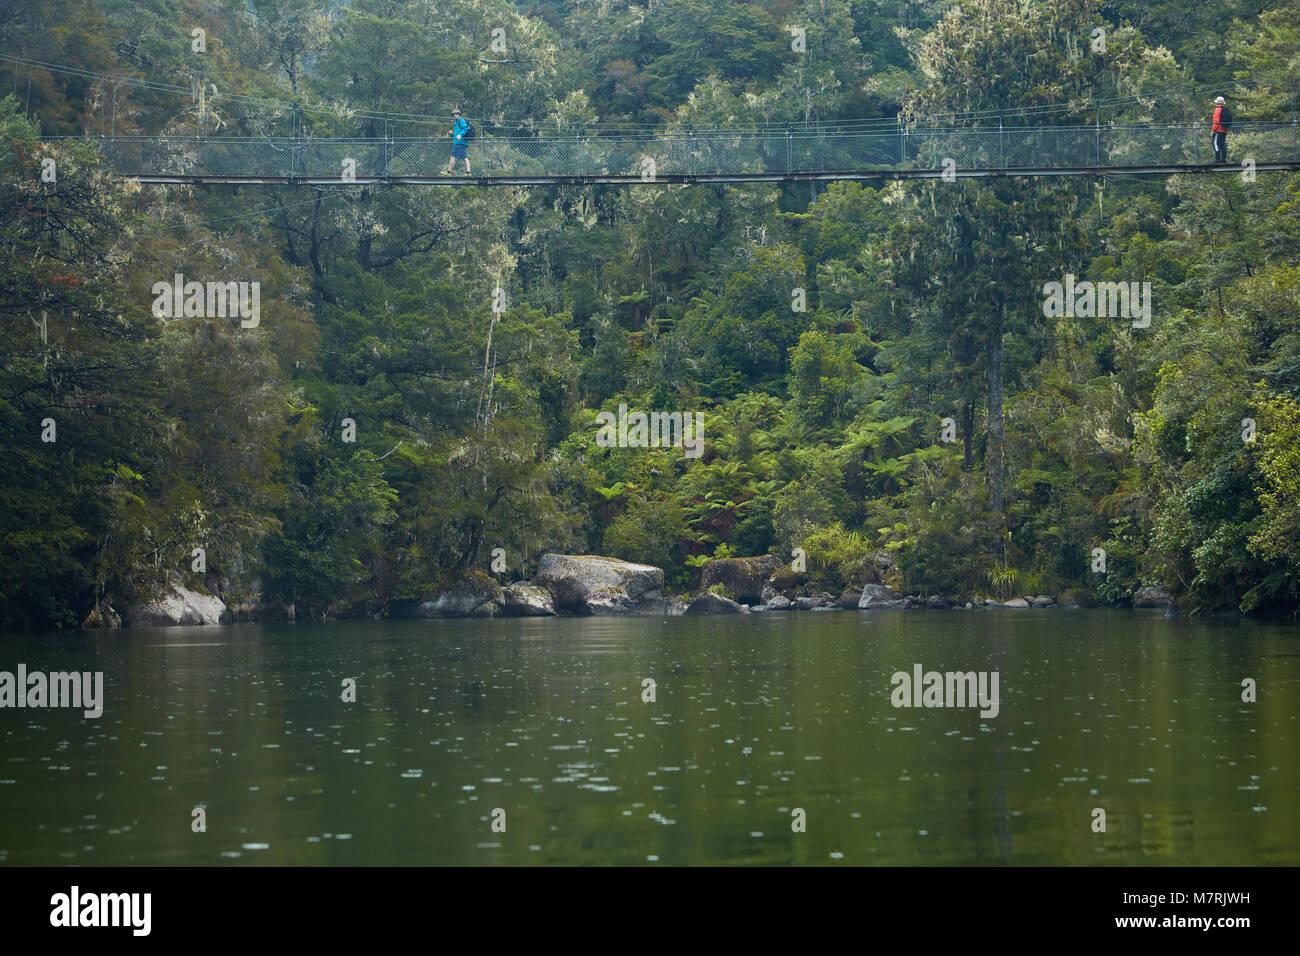 Les promeneurs sur swingbridge sur Abel Tasman Coast Track sur phlébotome Bay Lagoon, Abel Tasman National Park, région de Nelson, île du Sud, Nouvelle-Zélande Banque D'Images